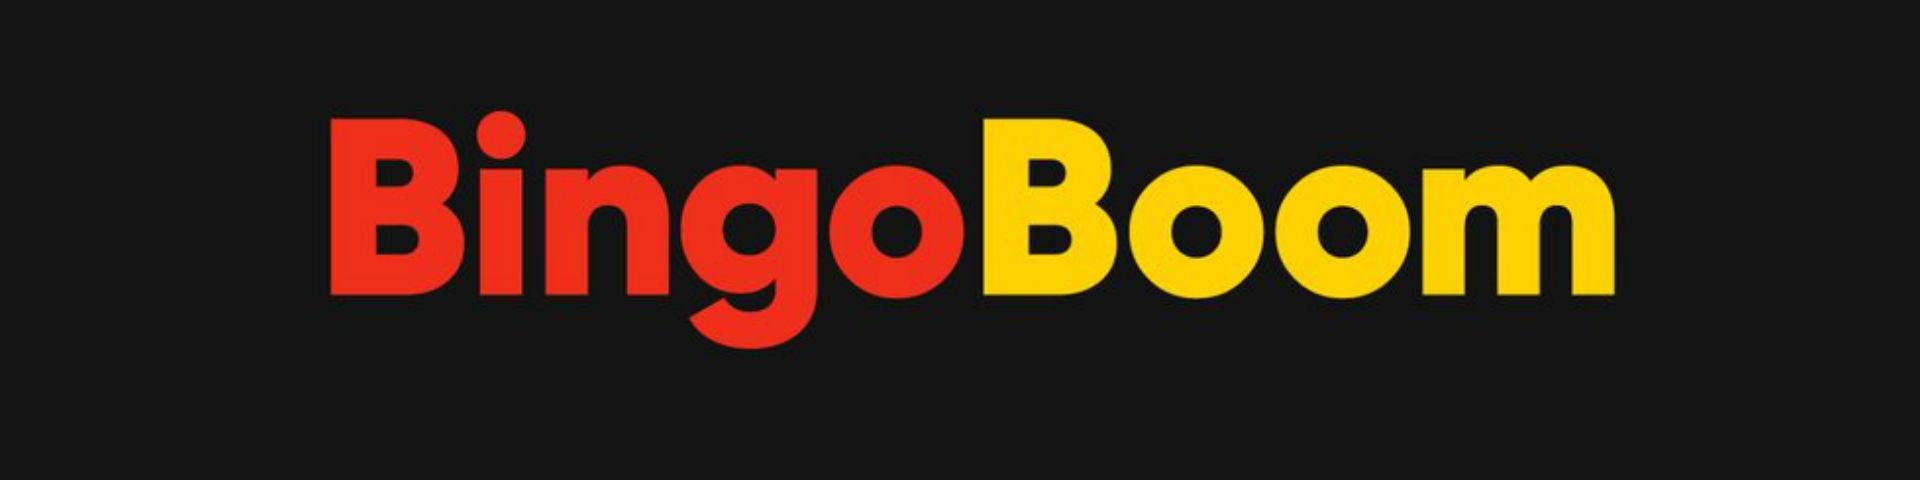 Акция от БК BingoBoom: фрибет до 500 рублей за проигрышную ставку